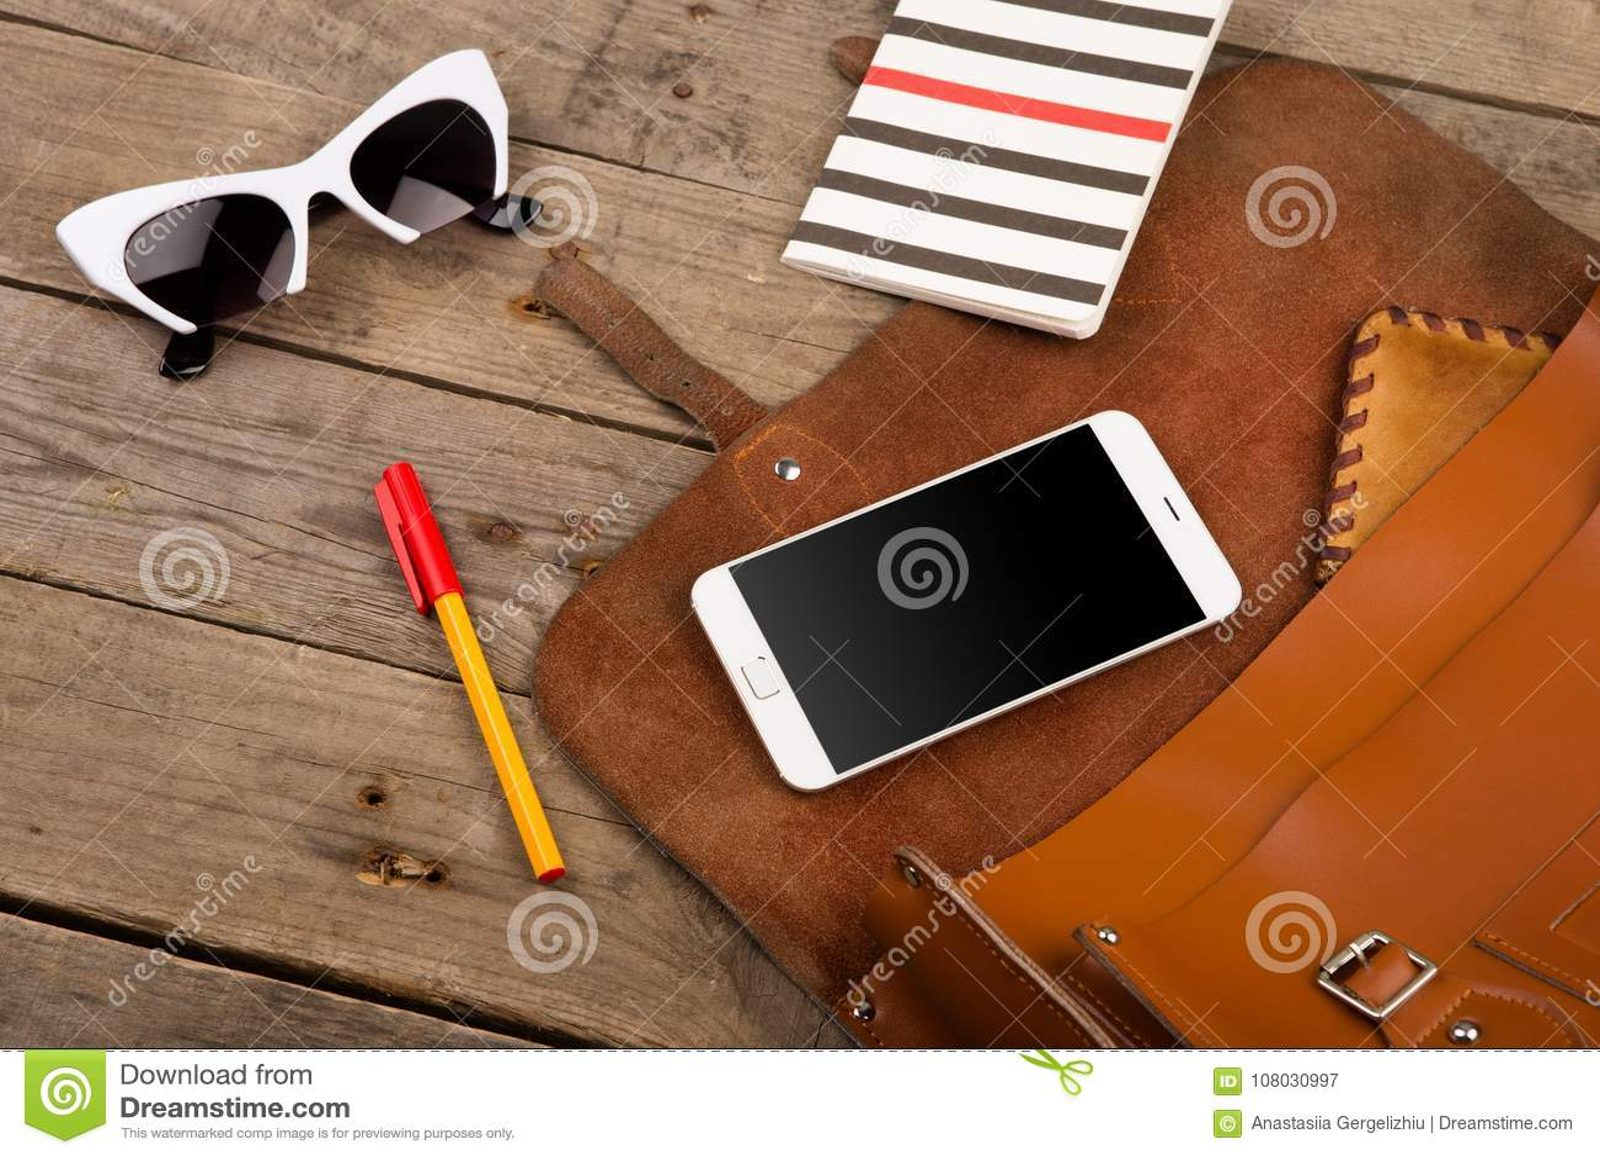 женщины установили с сумкой, умным телефоном, солнечными очками, блокнотом, ручкой и портмонем на коричневом деревянном столе